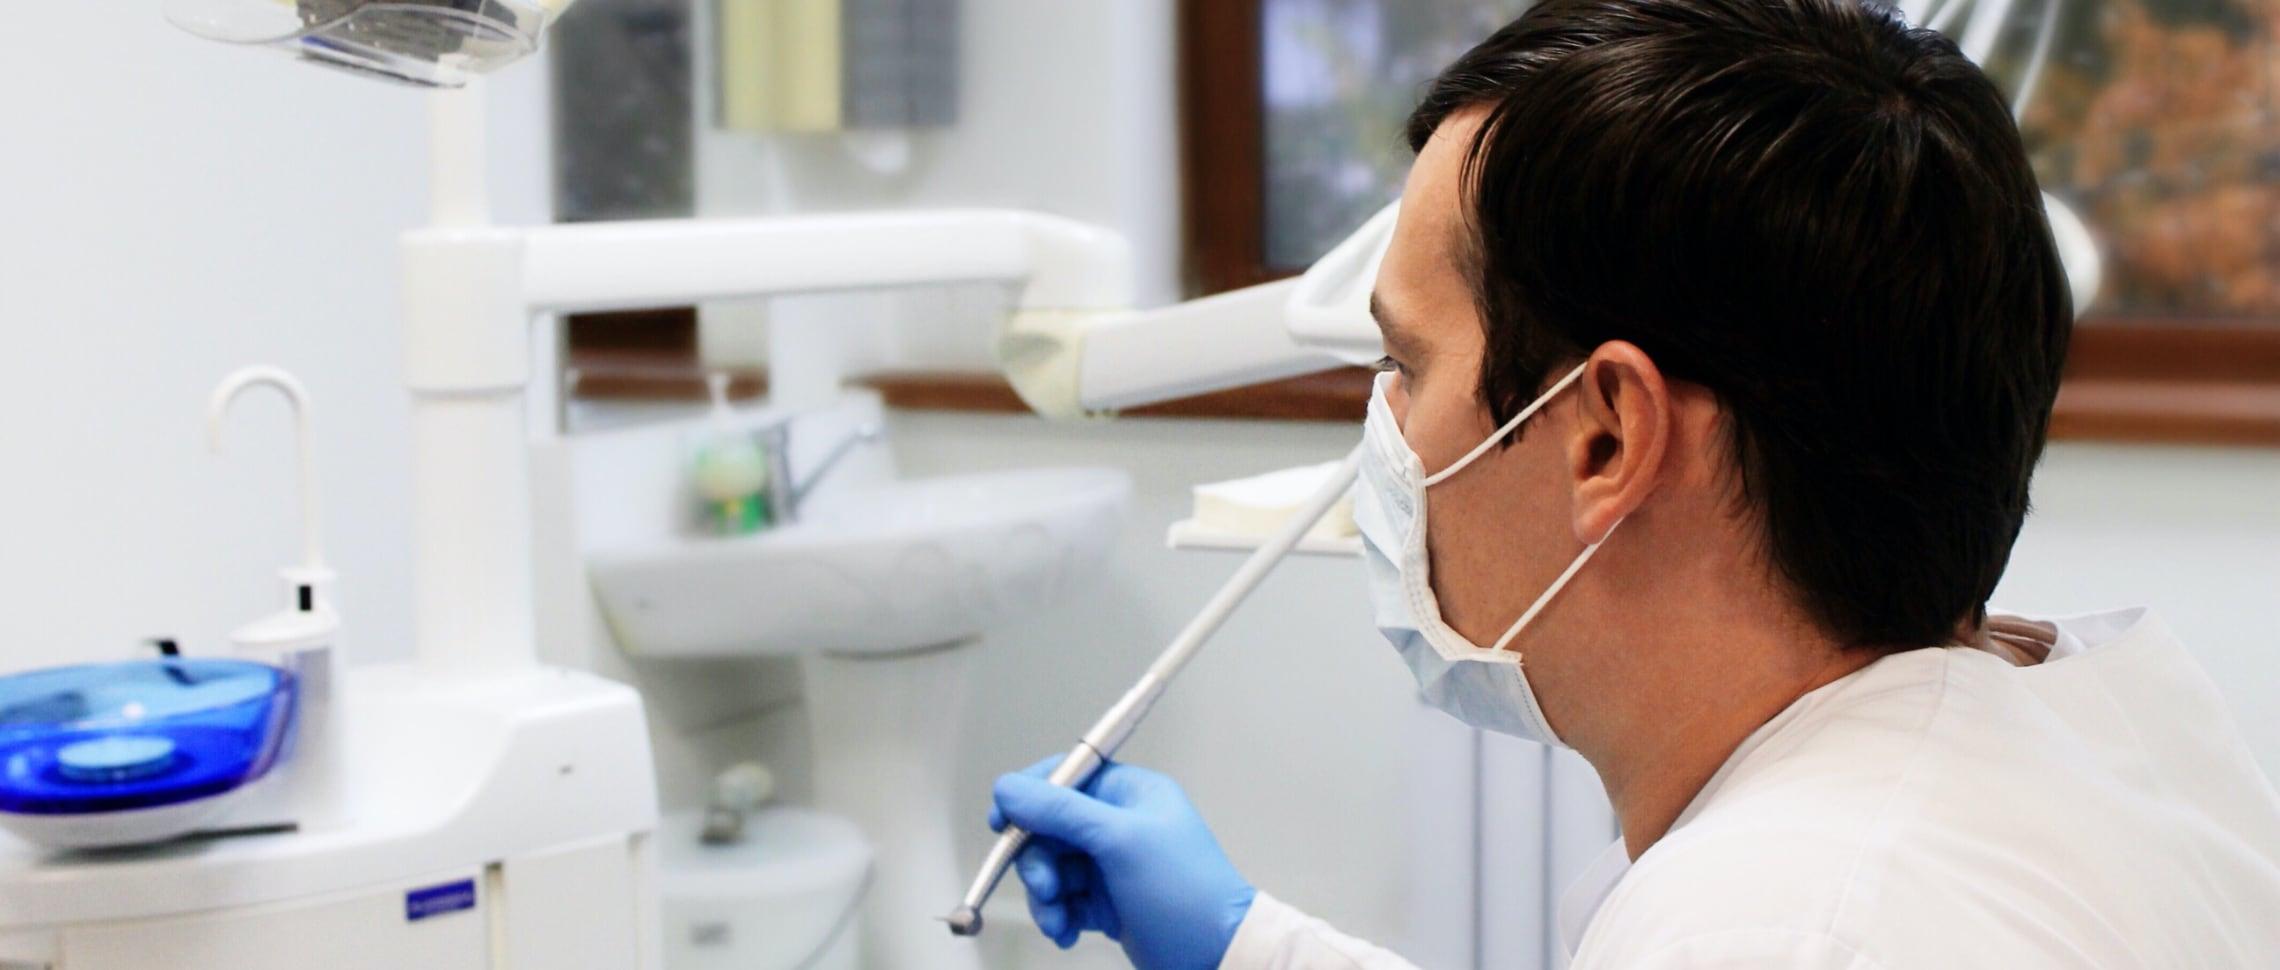 akutundersökning-tandläkare-västerås-klinik-man-arbetar